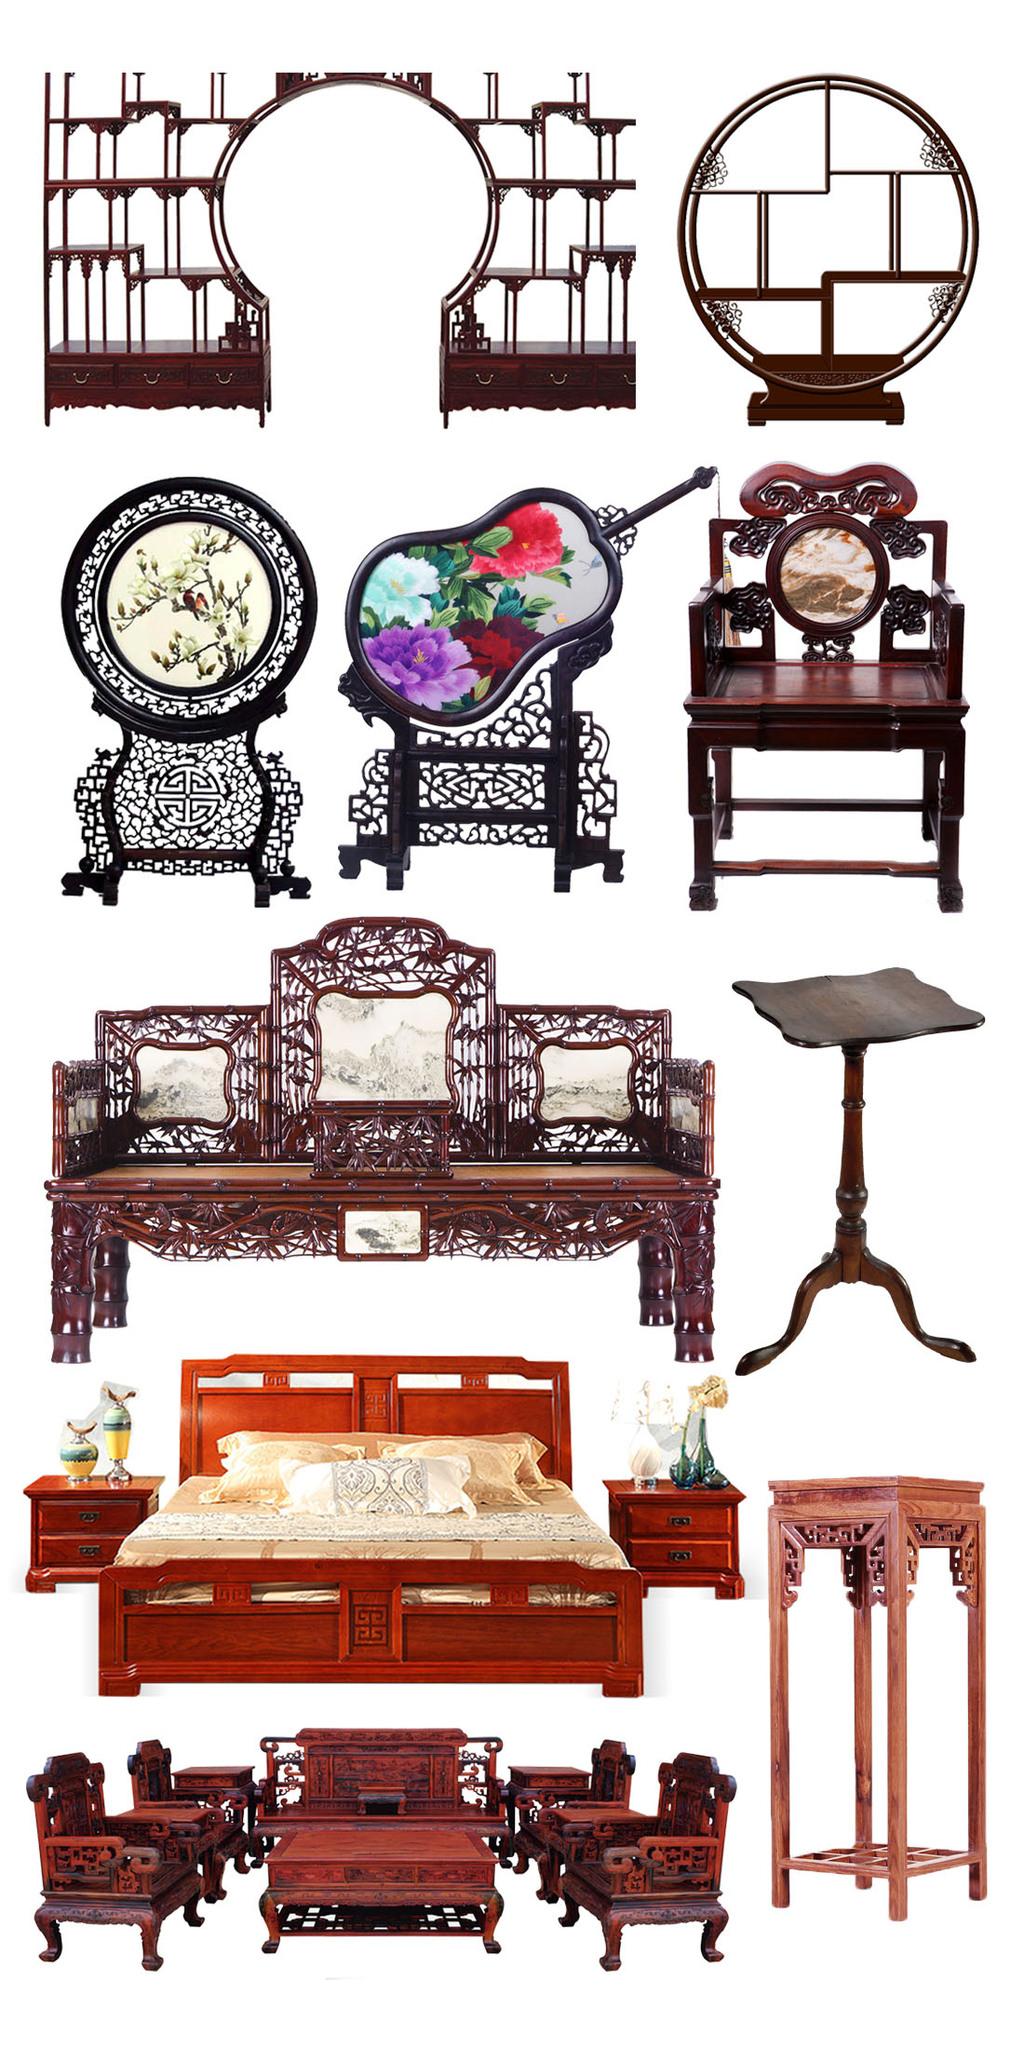 复古古典红木家具店铺装修素材